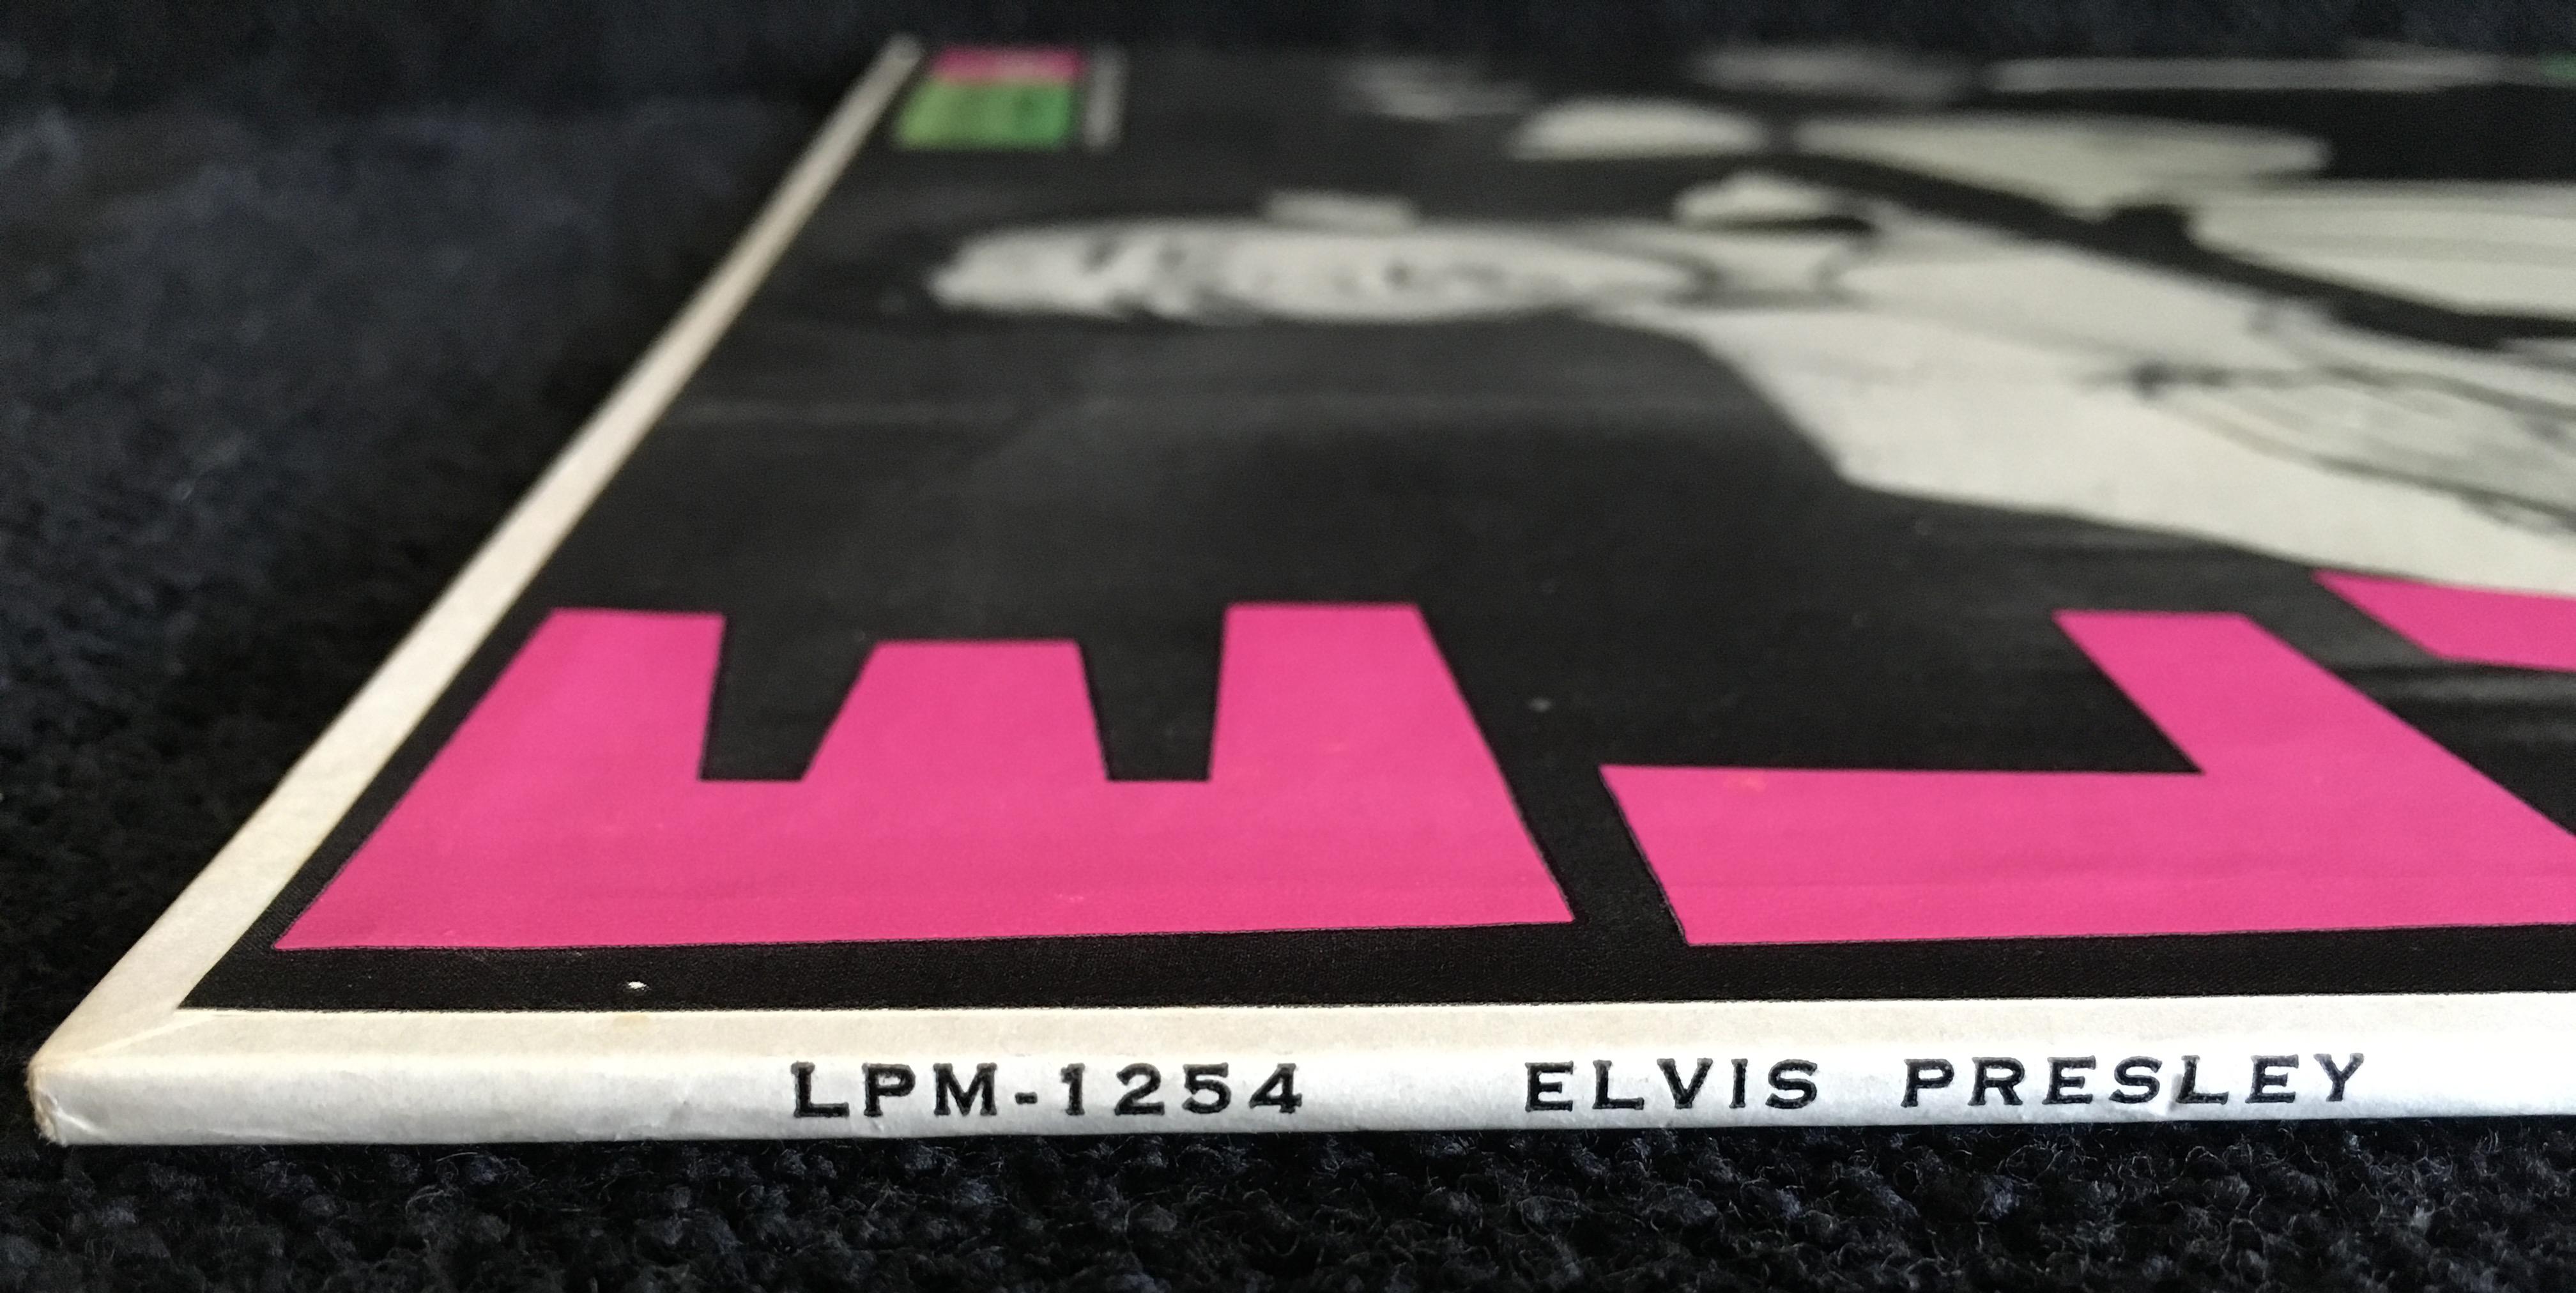 LPM-1254 03